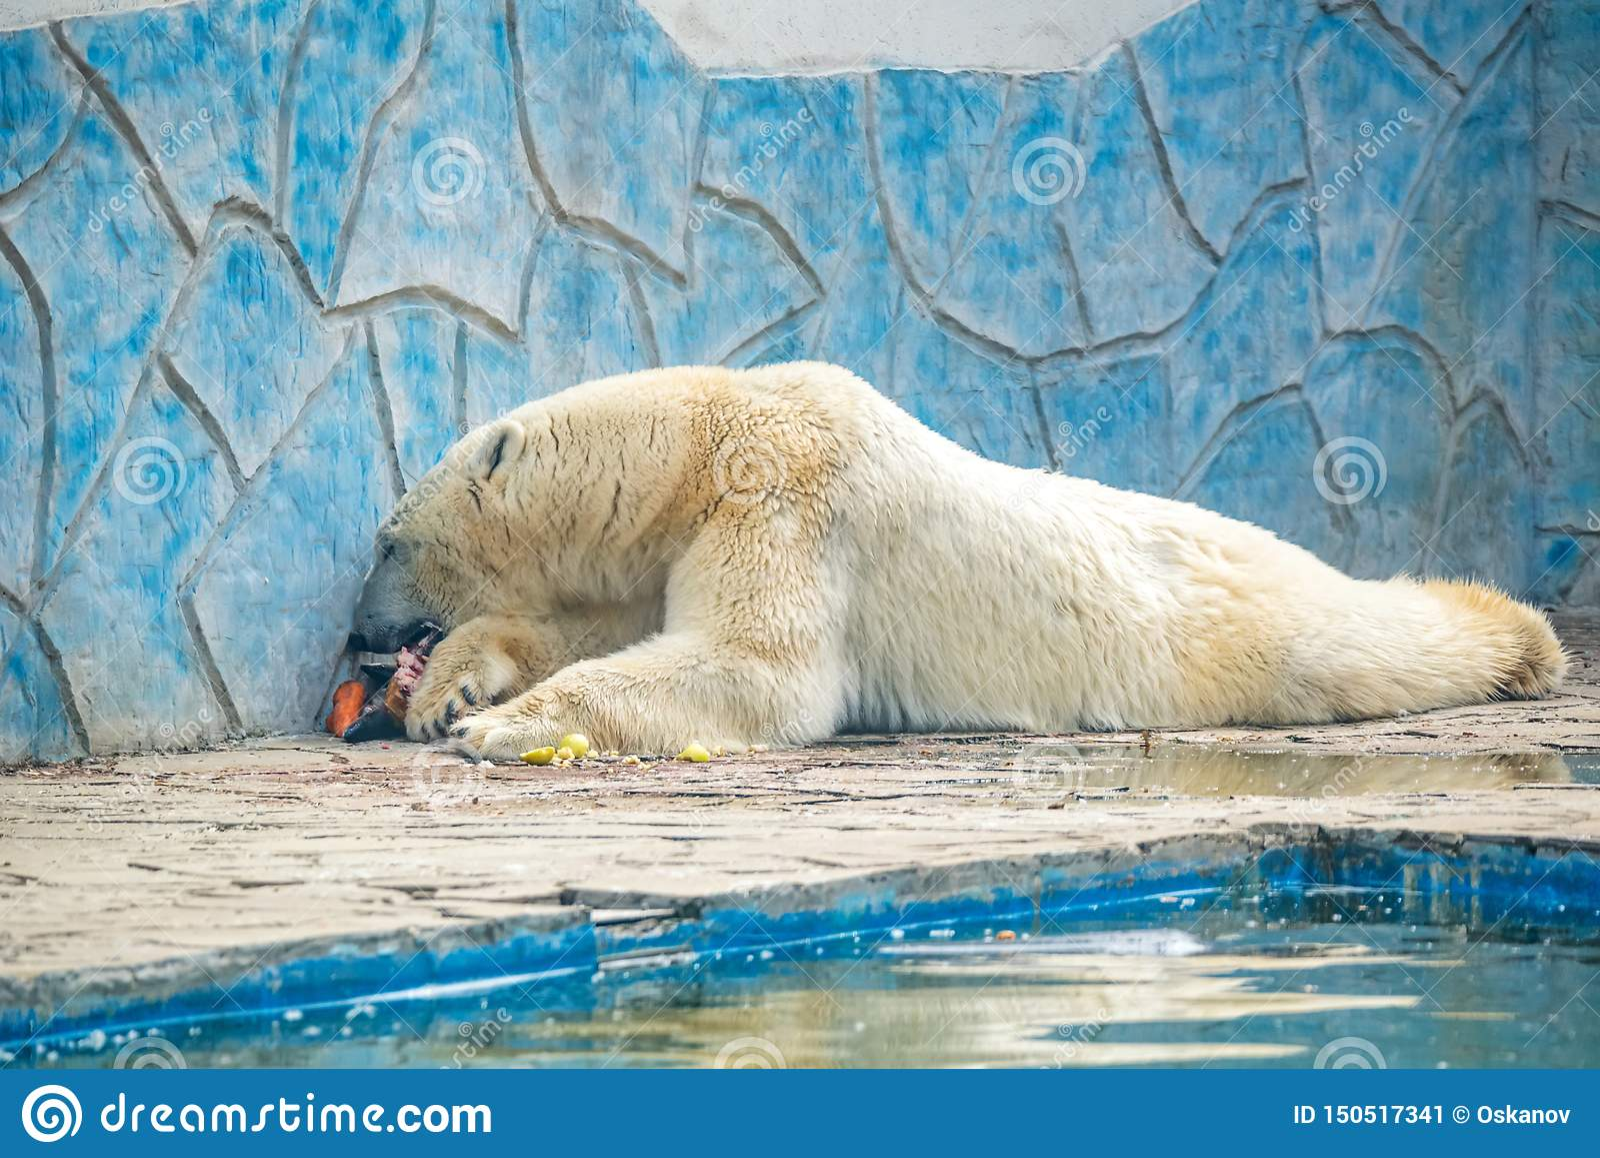 Niedźwiedzia polarnego lub Ursus maritimus w niewoli je mięso obok basenu